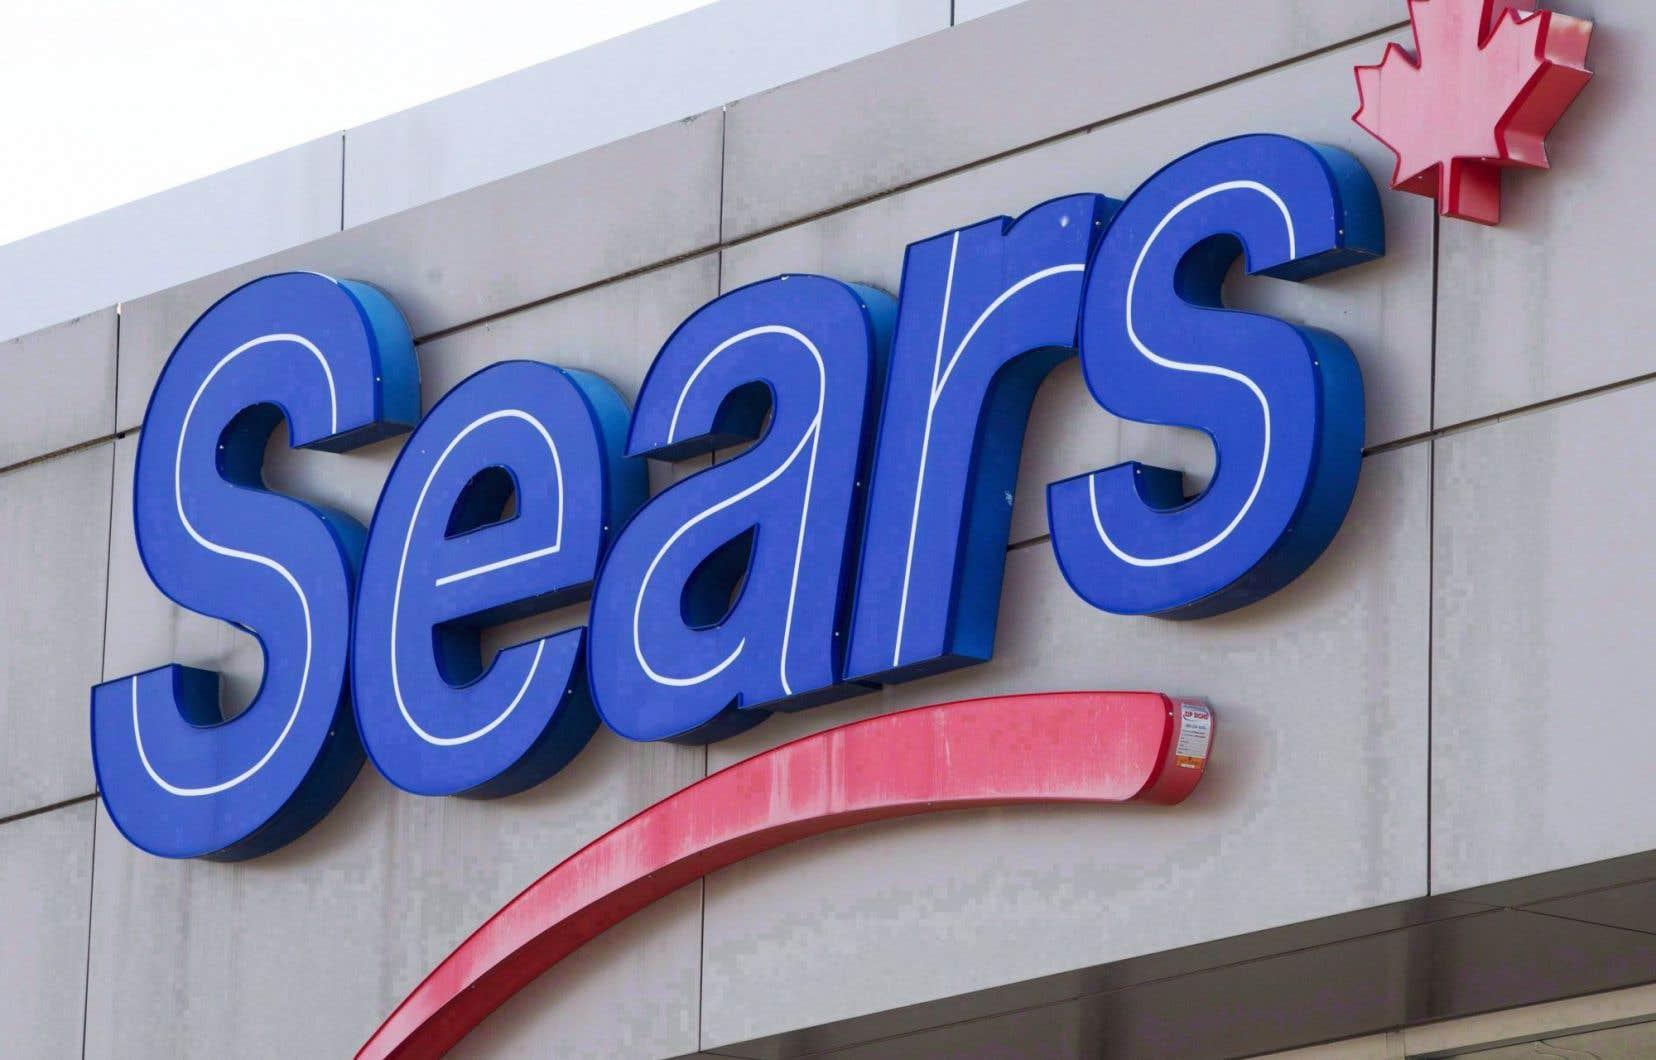 Le plan de rétention de Sears prévoit aussi 1,6million pour 116 employés qui seront affectés à la fermeture de magasins, ce qui porte le total à 9,2millions.